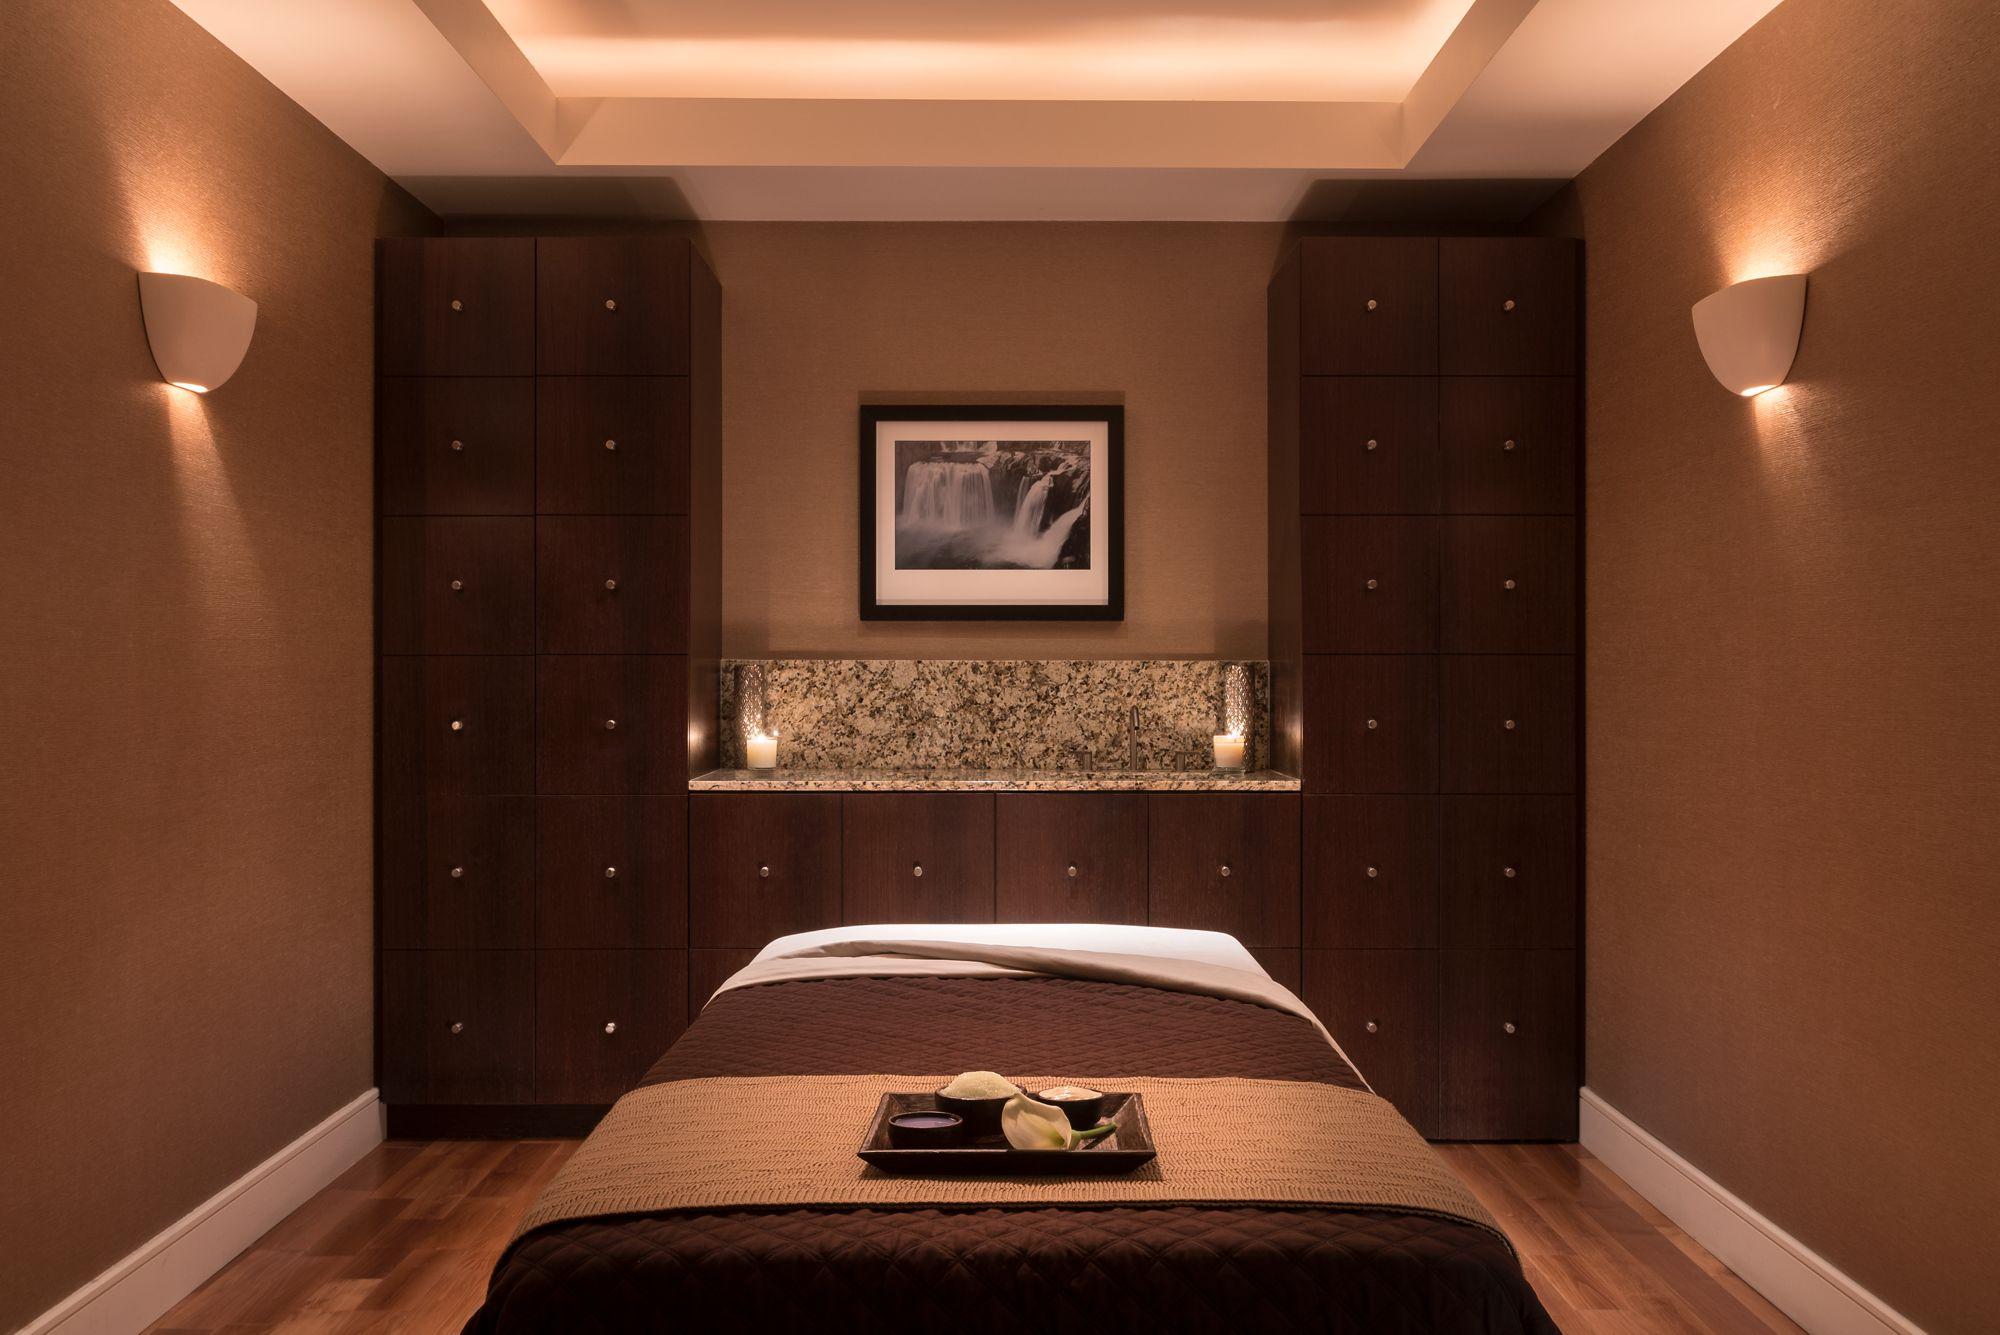 Denver Spa | The Ritz-Carlton, Denver